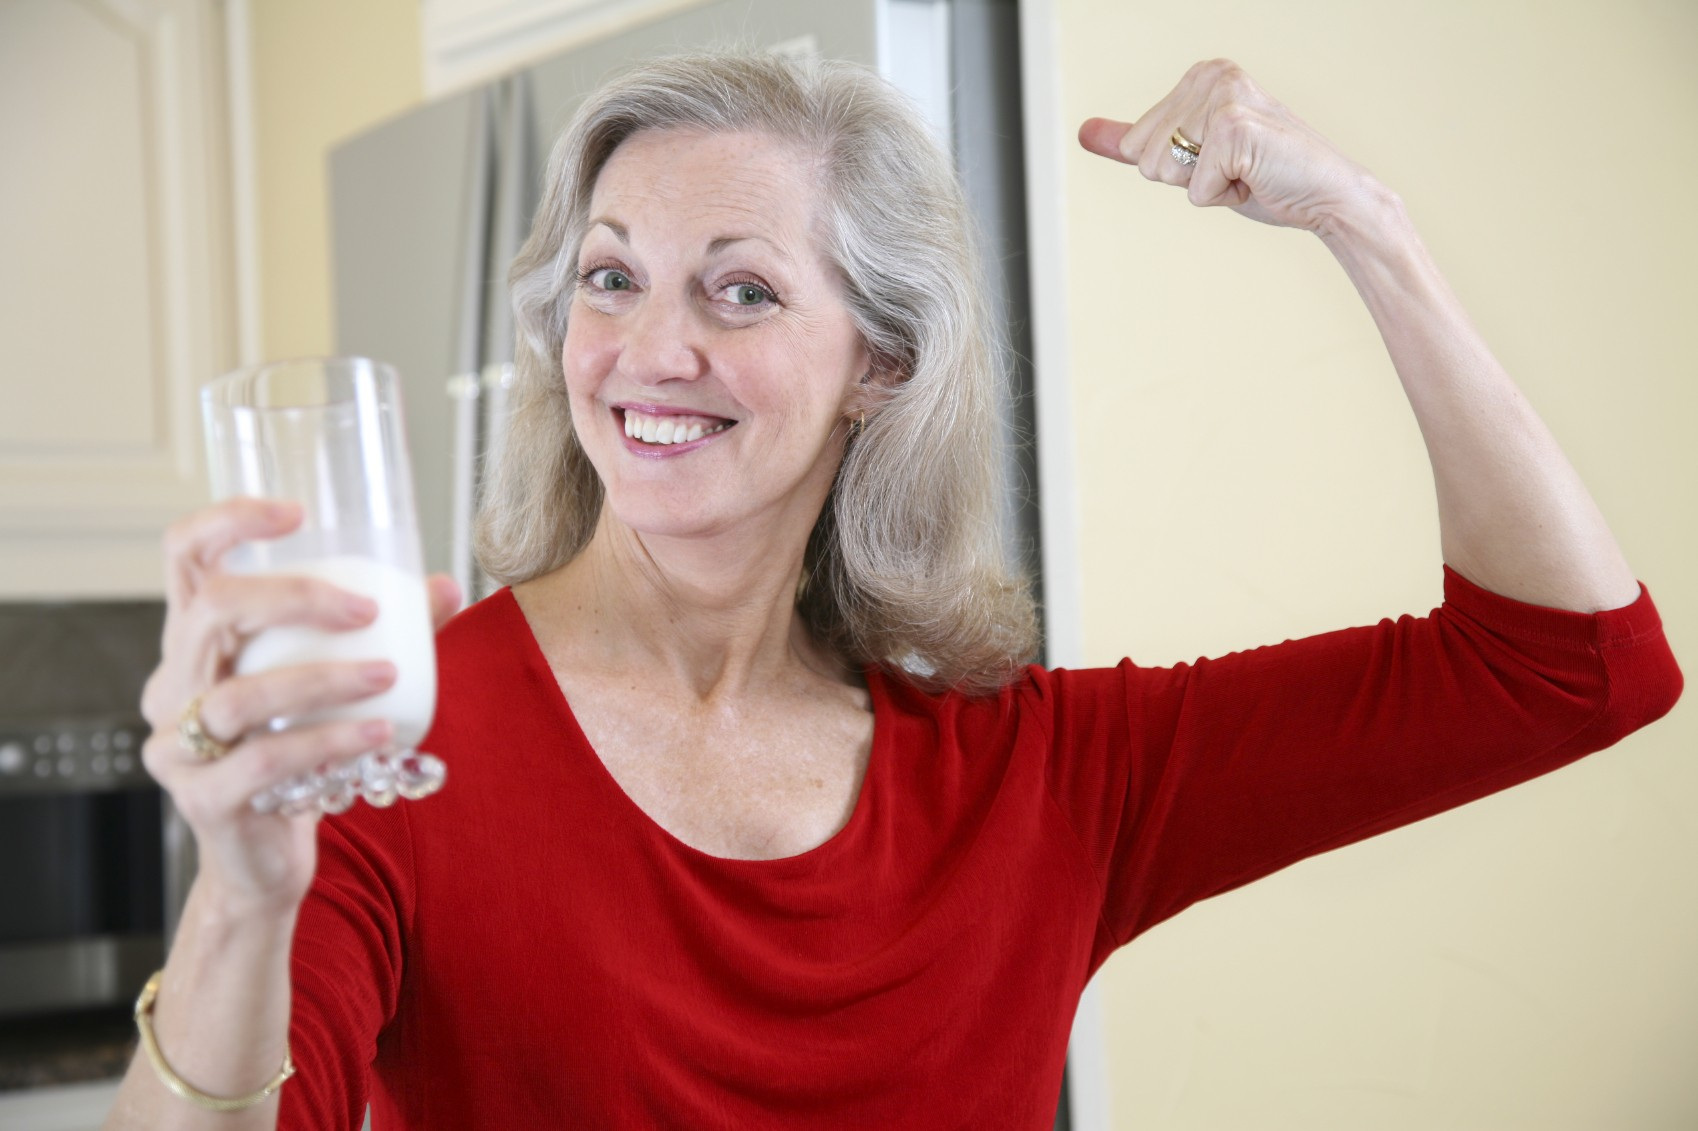 Osteoporosis Dapat Menyebabkan Tulang Keropos